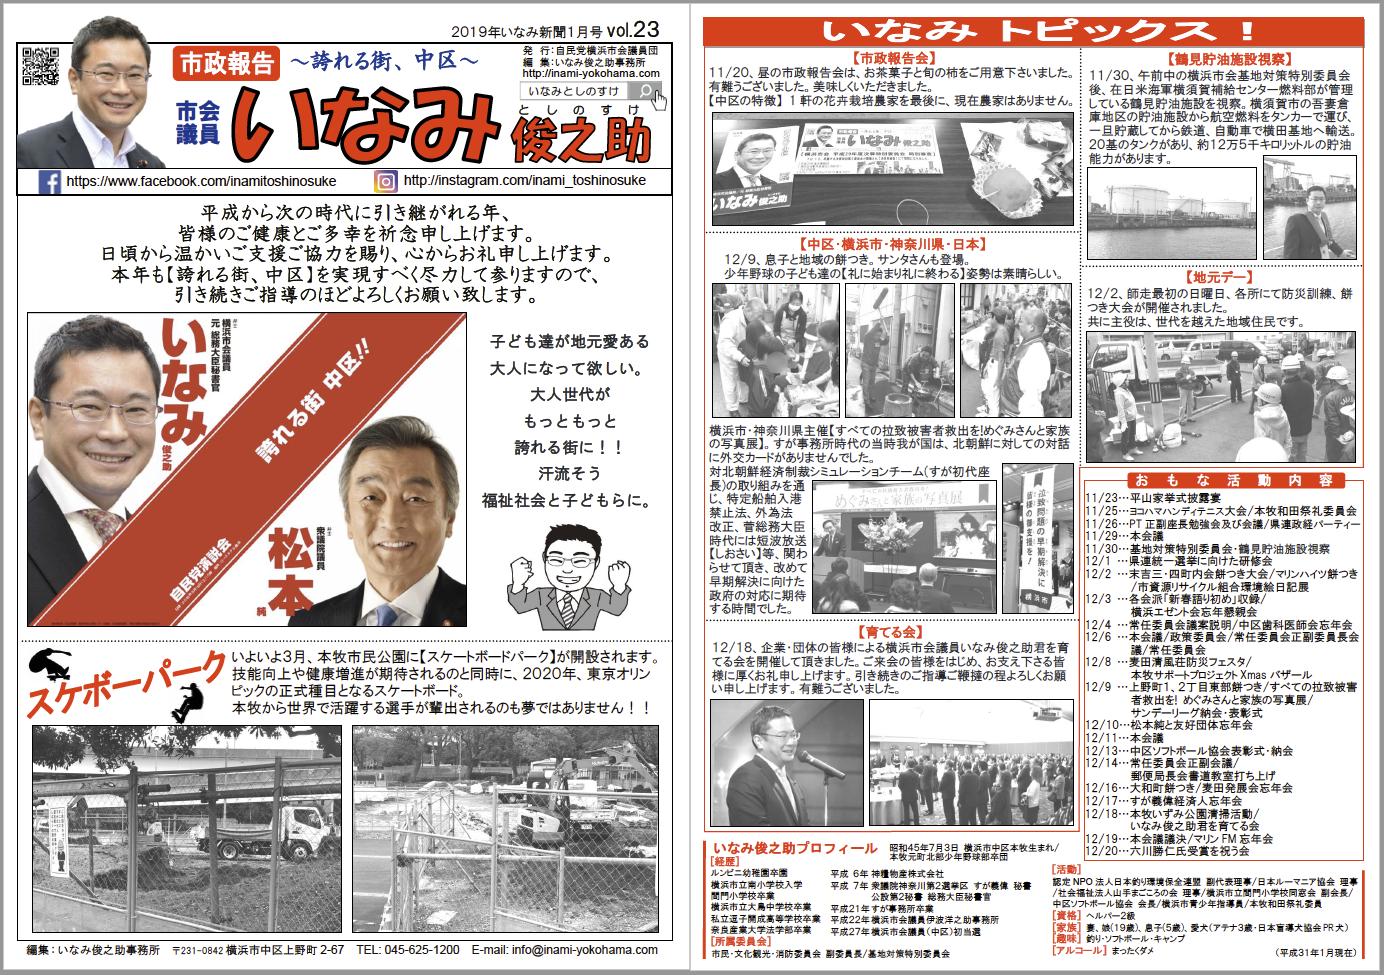 いなみ新聞vol23